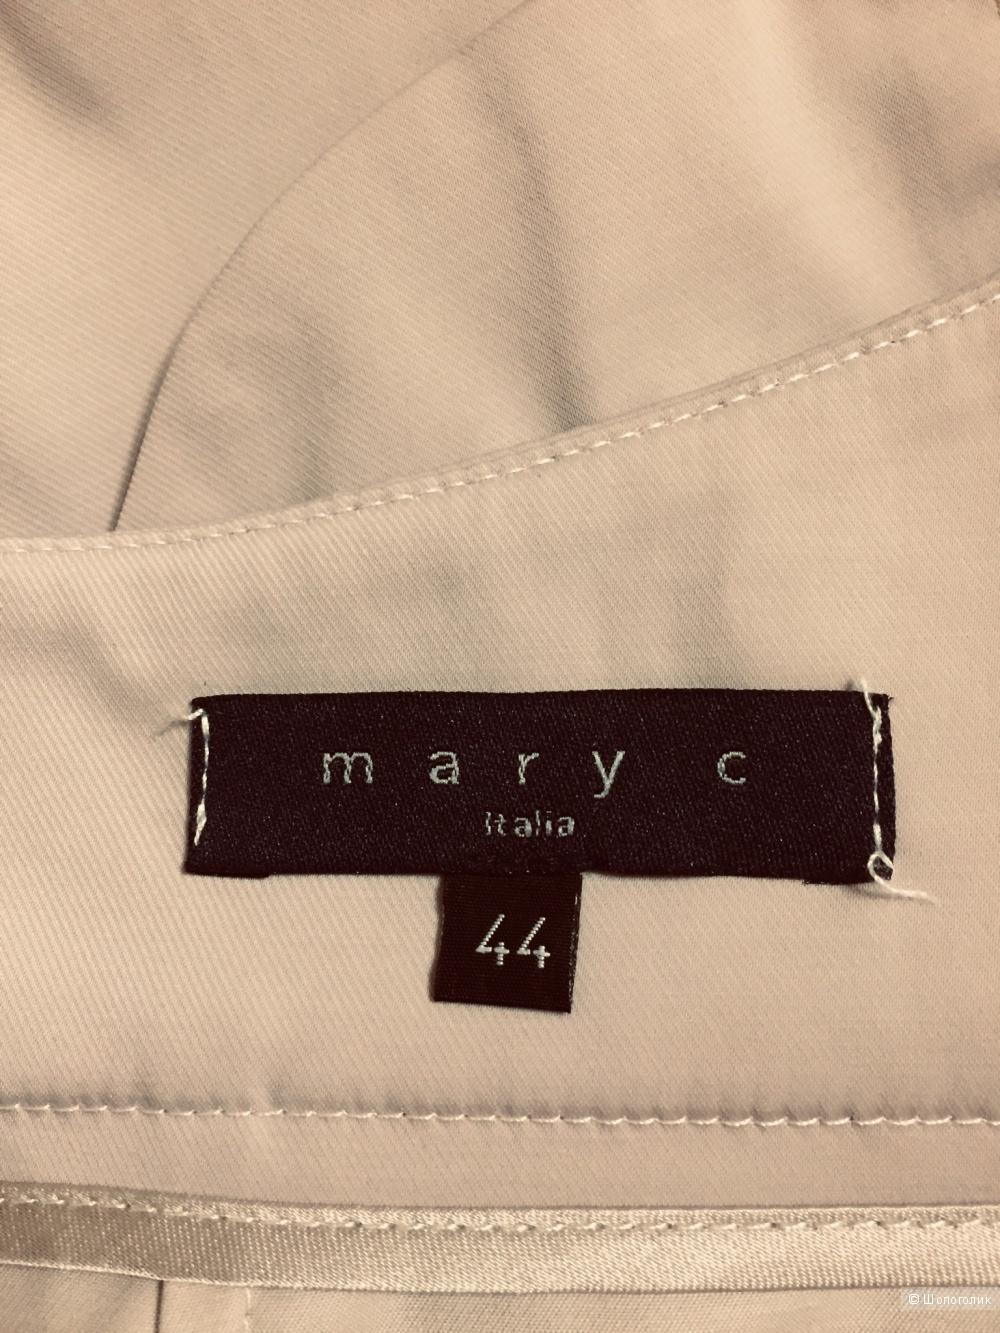 Юбка Mary C 44 размер